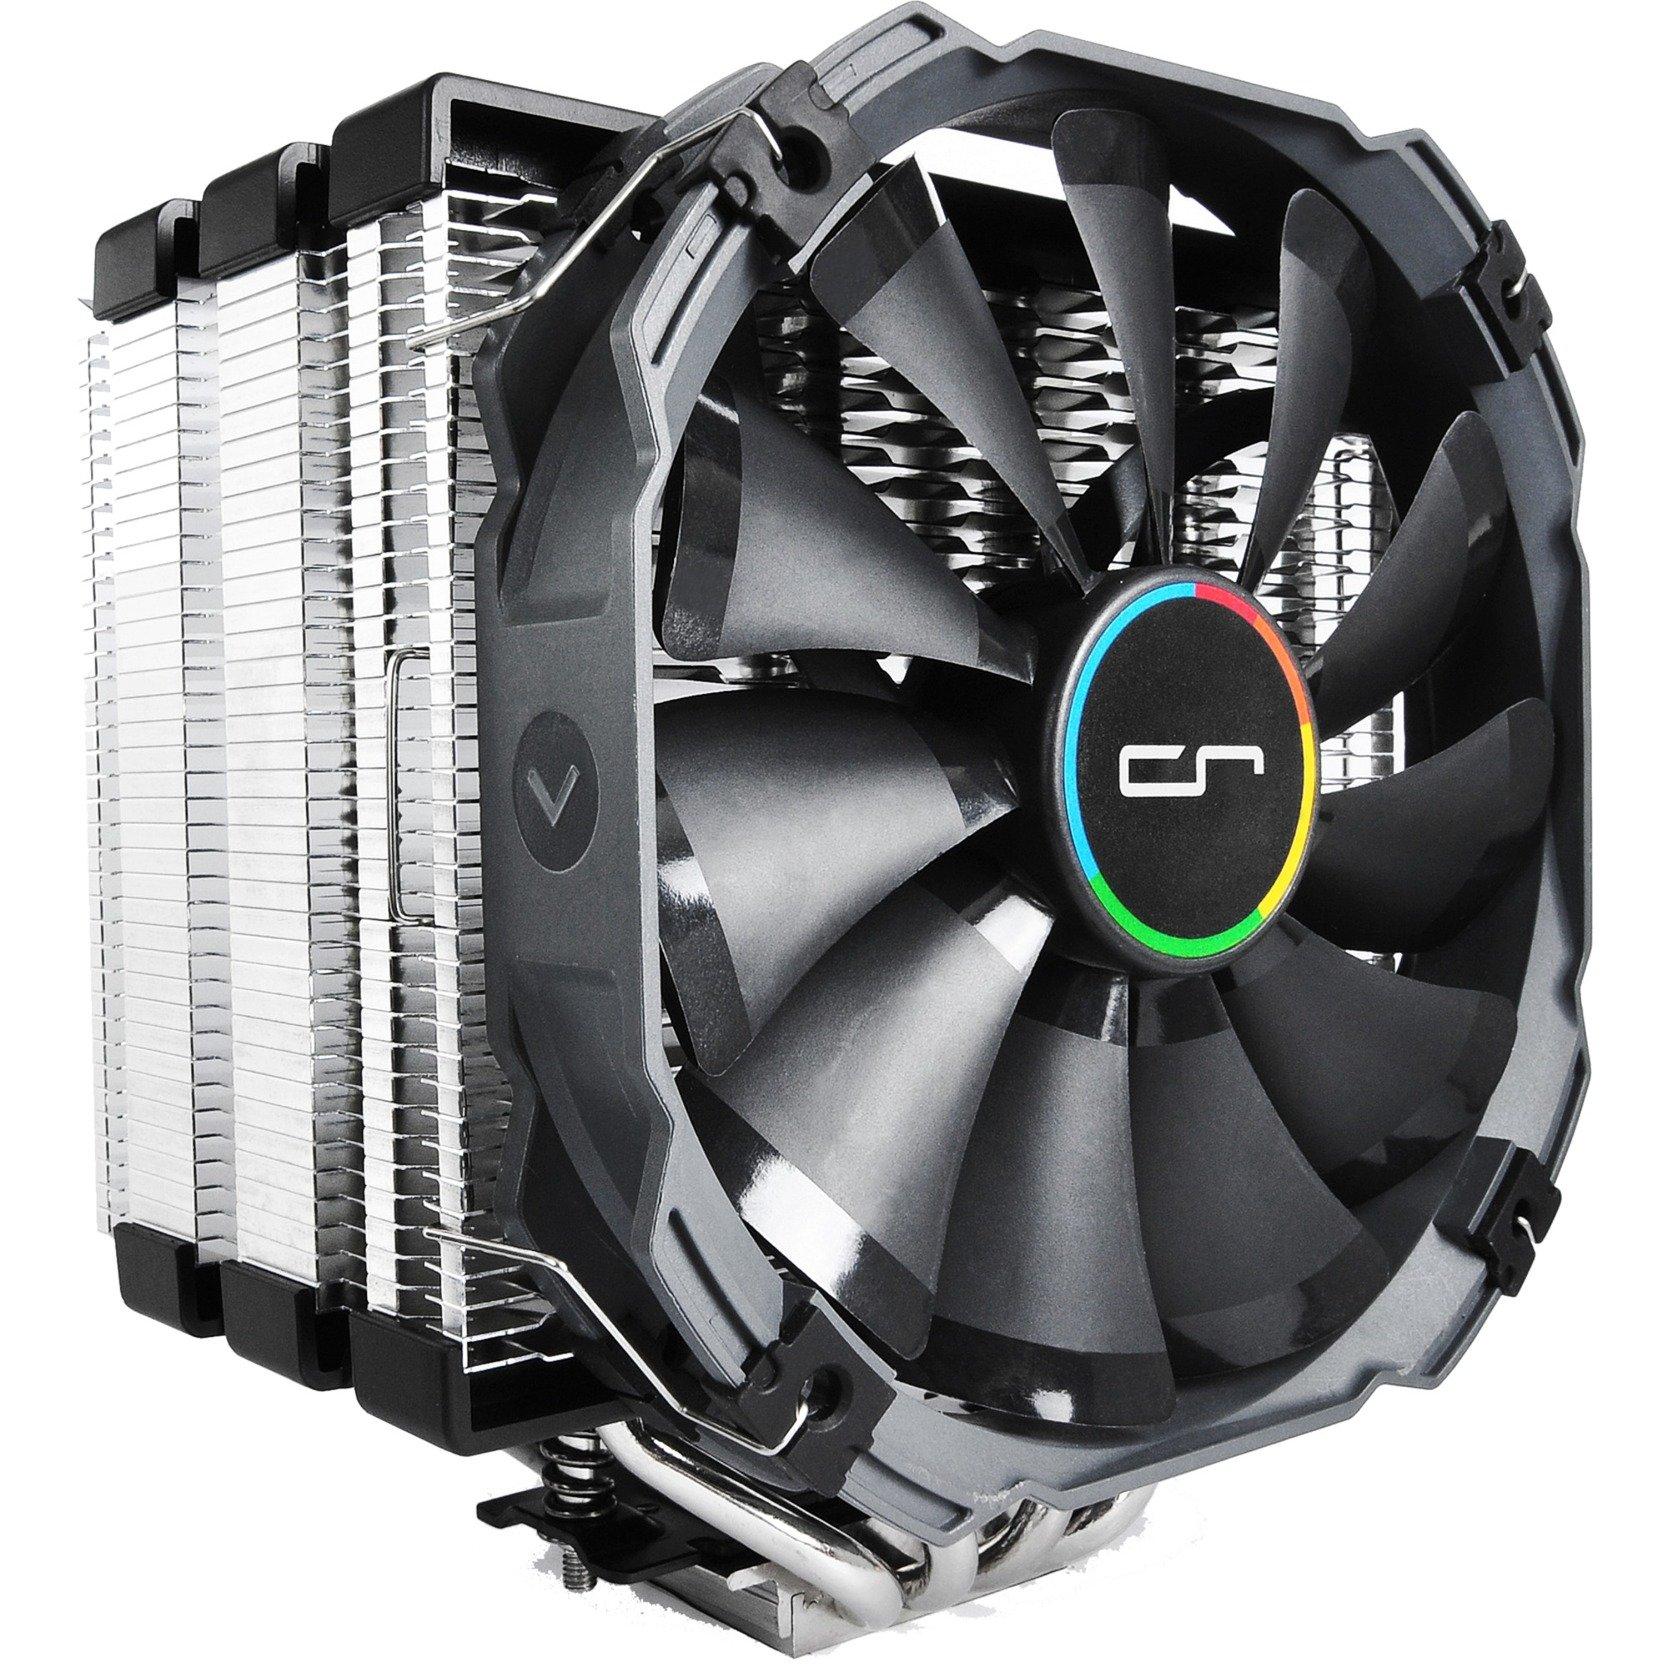 H5 ULTIMATE refrigeración agua y freón Procesador, Disipador de CPU